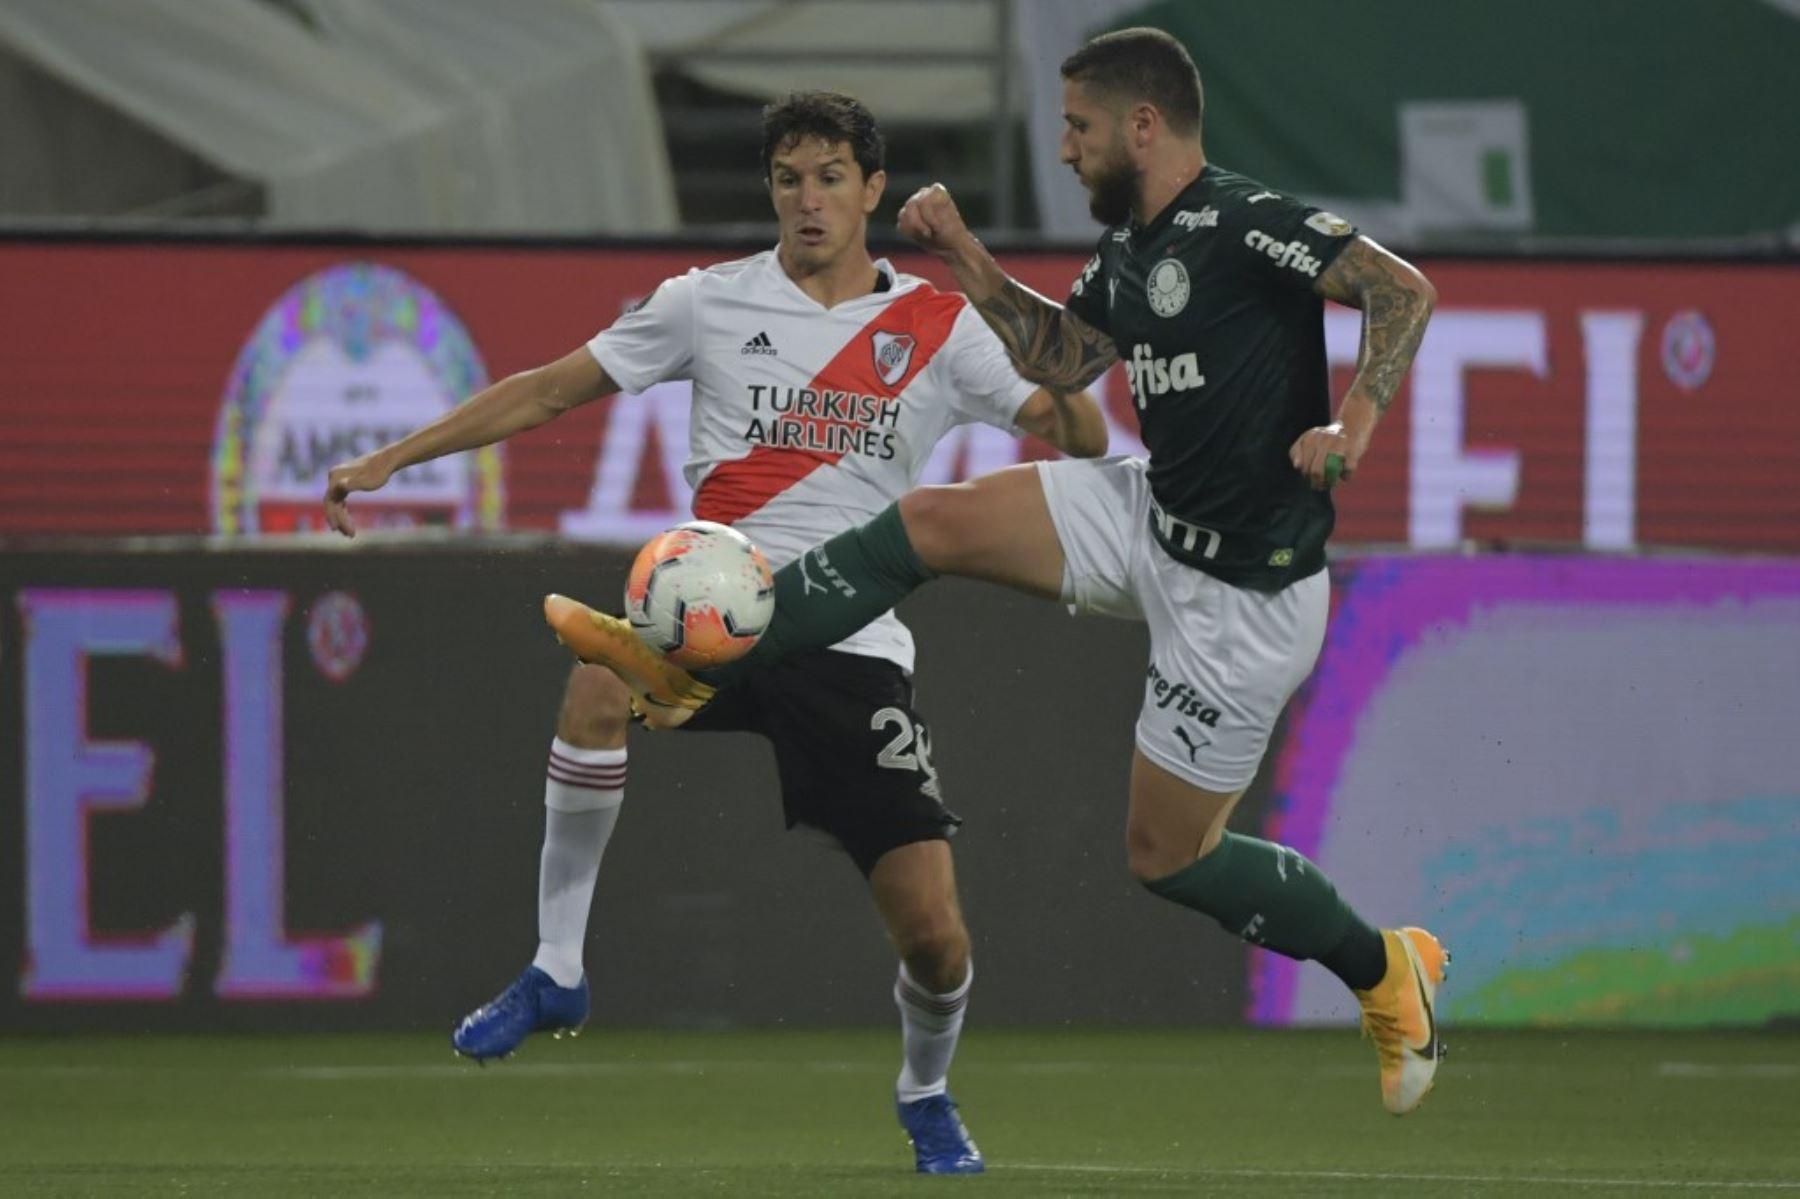 El Ignacio Fernández y el brasileño Palmeiras Ze Rafael compiten por el balón durante la semifinal de la Copa Libertadores en el estadio Allianz Parque en Sao Paulo, Brasil. Foto: AFP